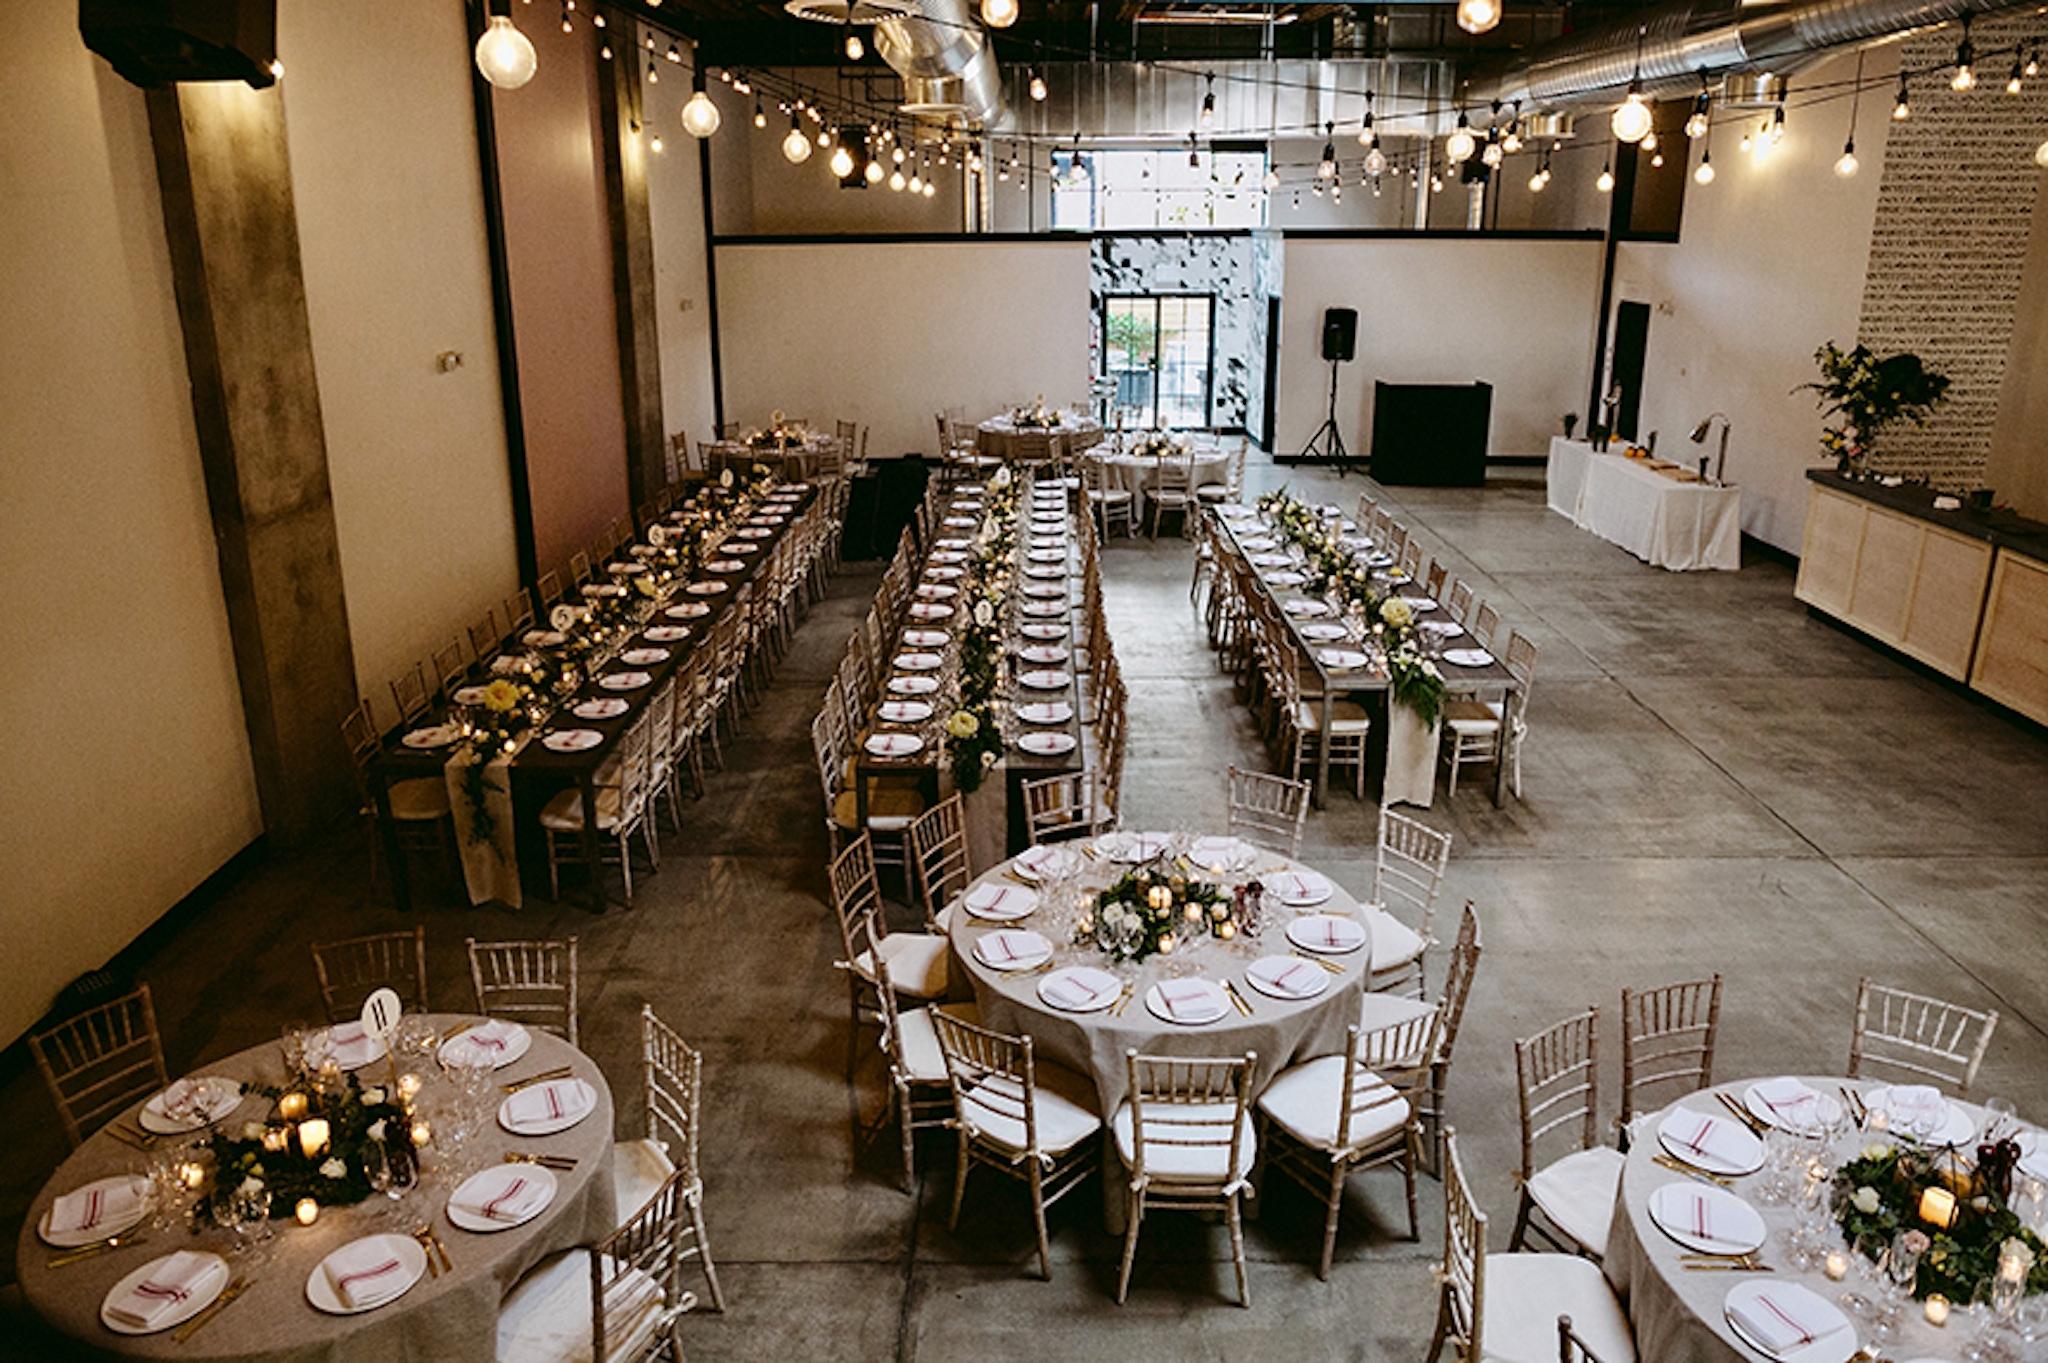 Dobbin Street venue